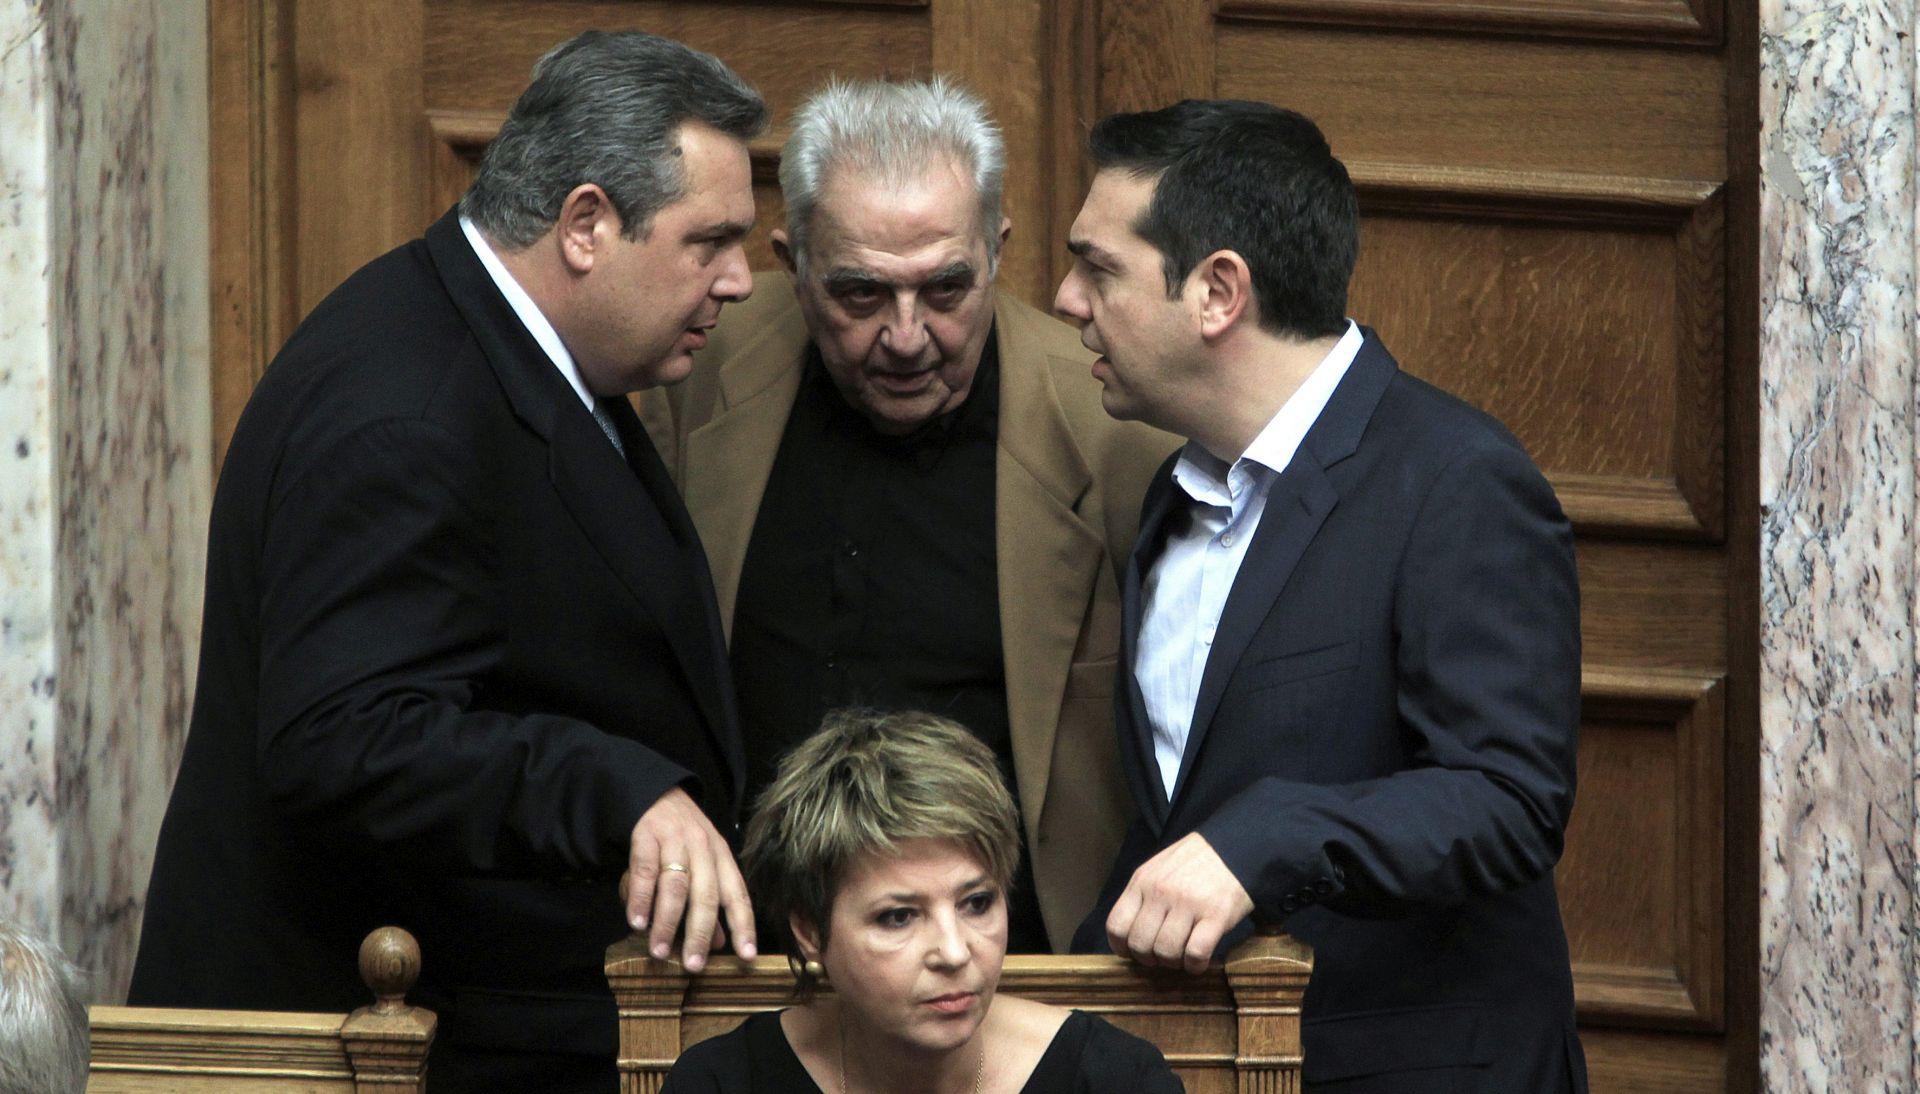 Grčka prihvatila reformski zakon u zamjenu za nastavak pomoći